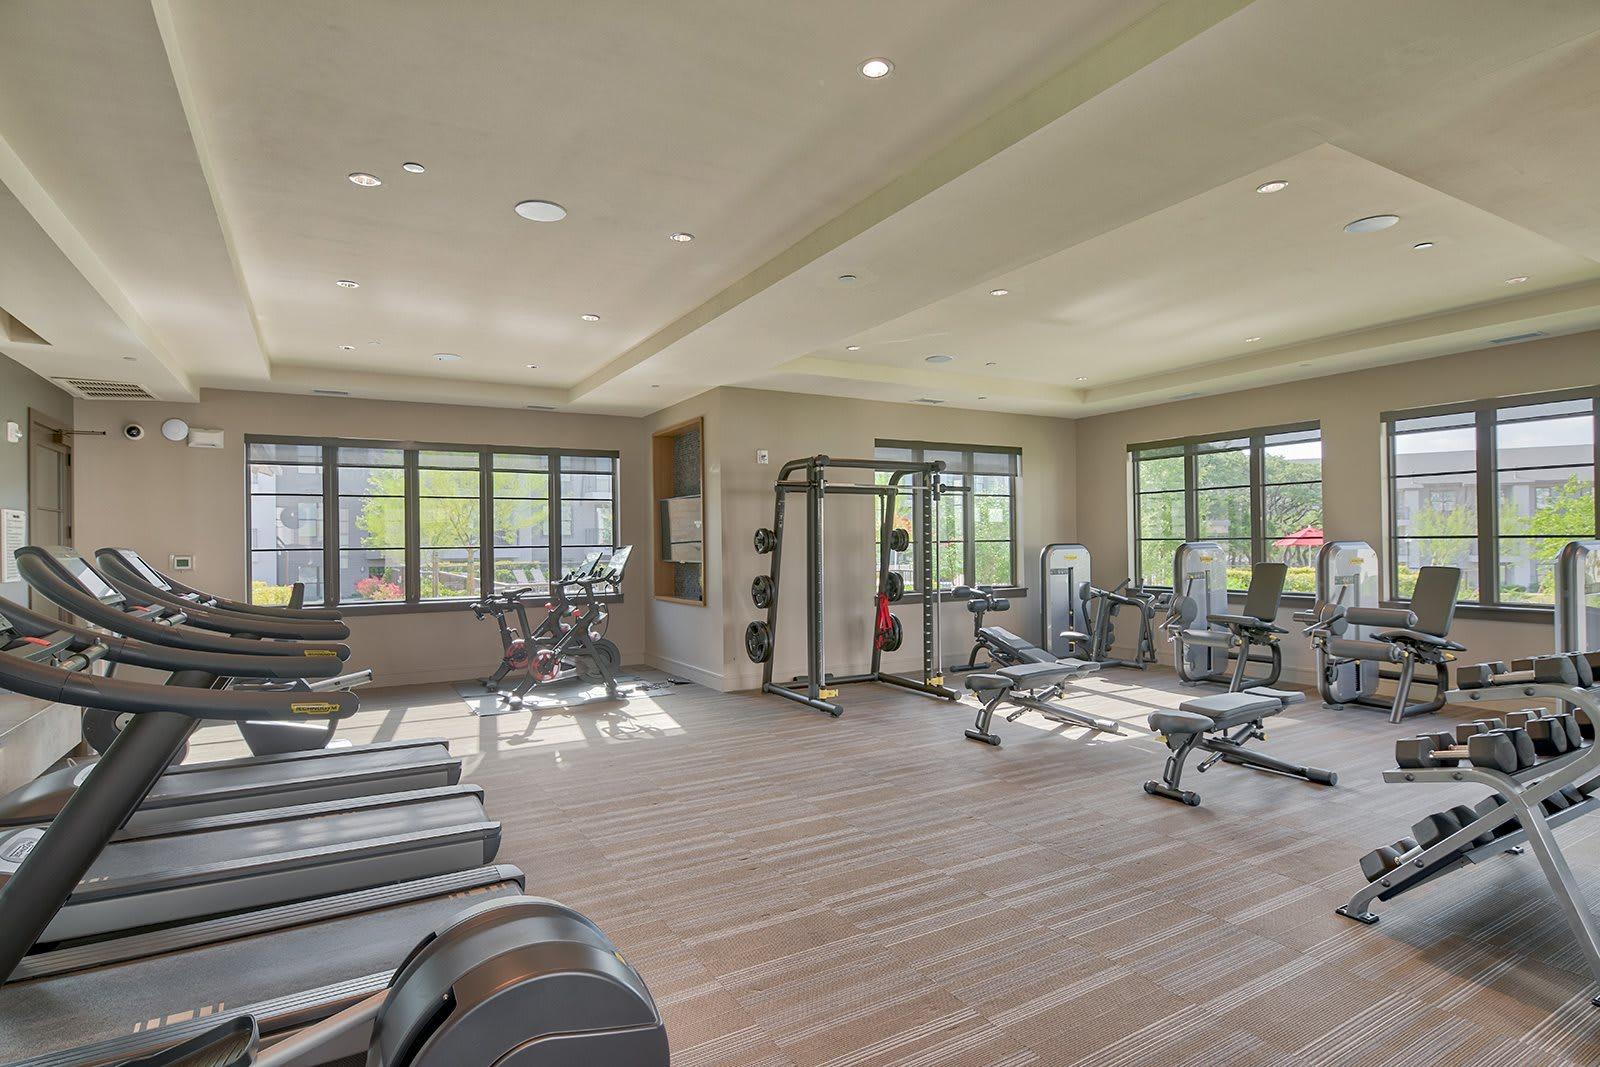 24/7 Fitness Center For Residents at Windsor Lantana Hills, Austin, TX